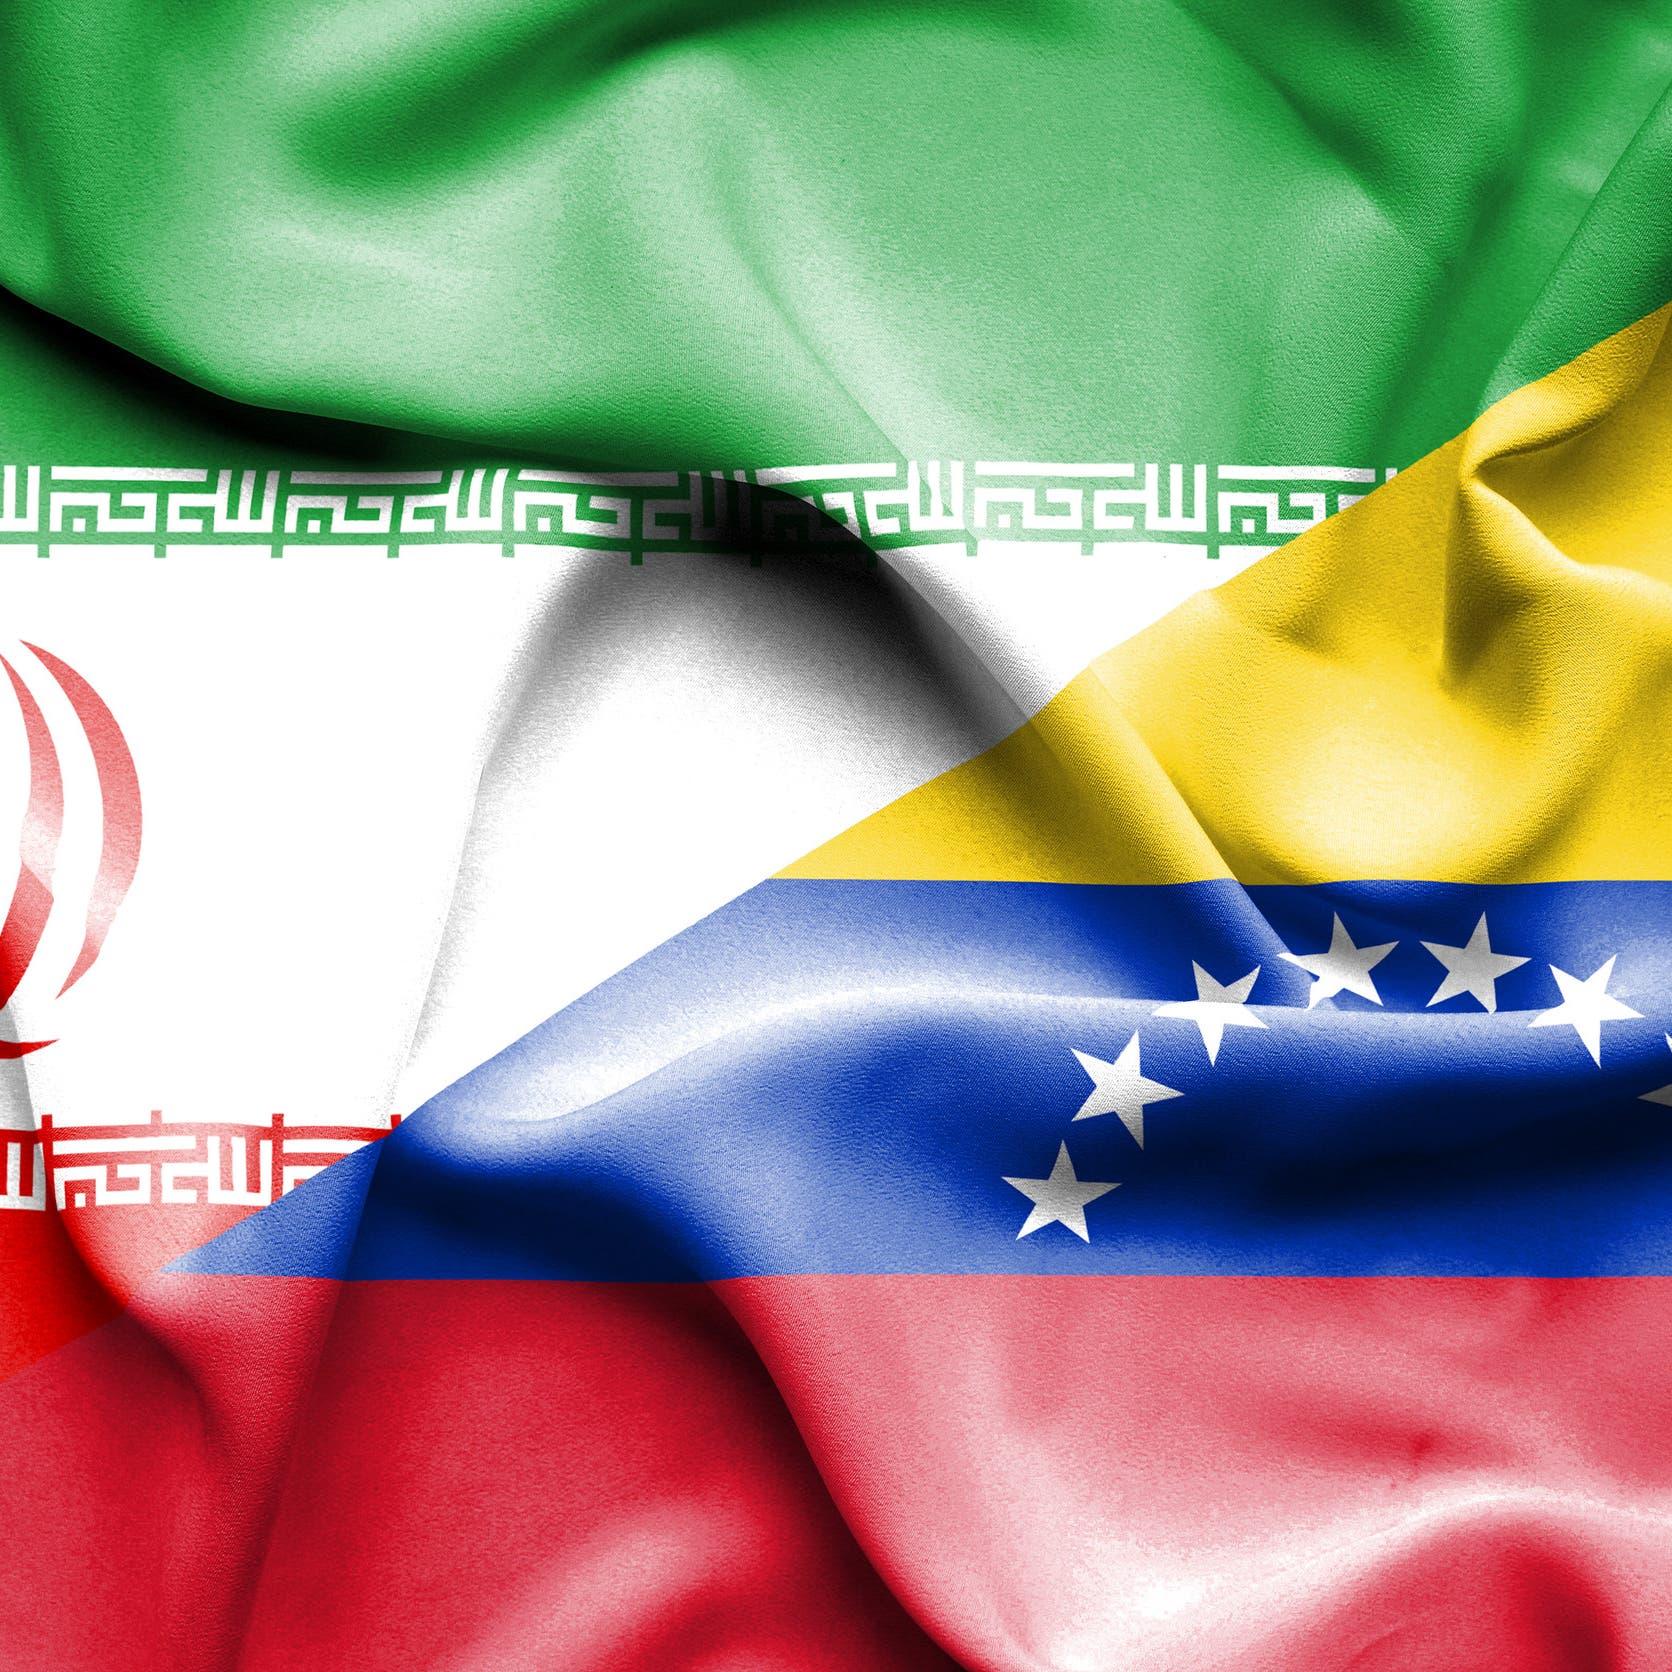 ذهب أصفر مقابل أسود.. إيران وفنزويلا مجدداً باعتراف رسمي